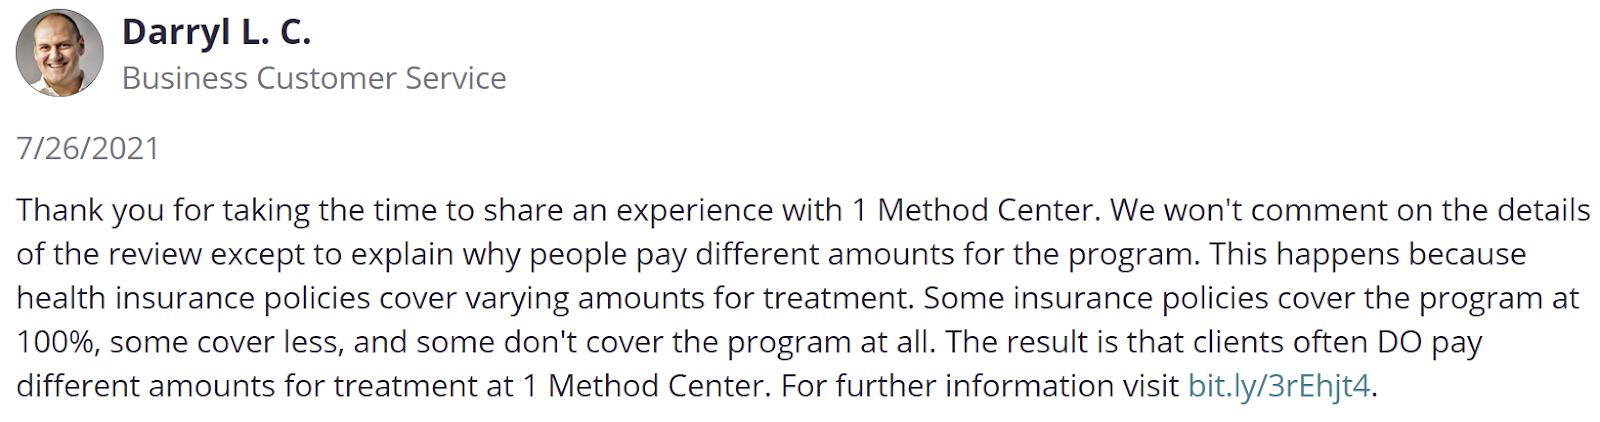 1 Method Center reviews